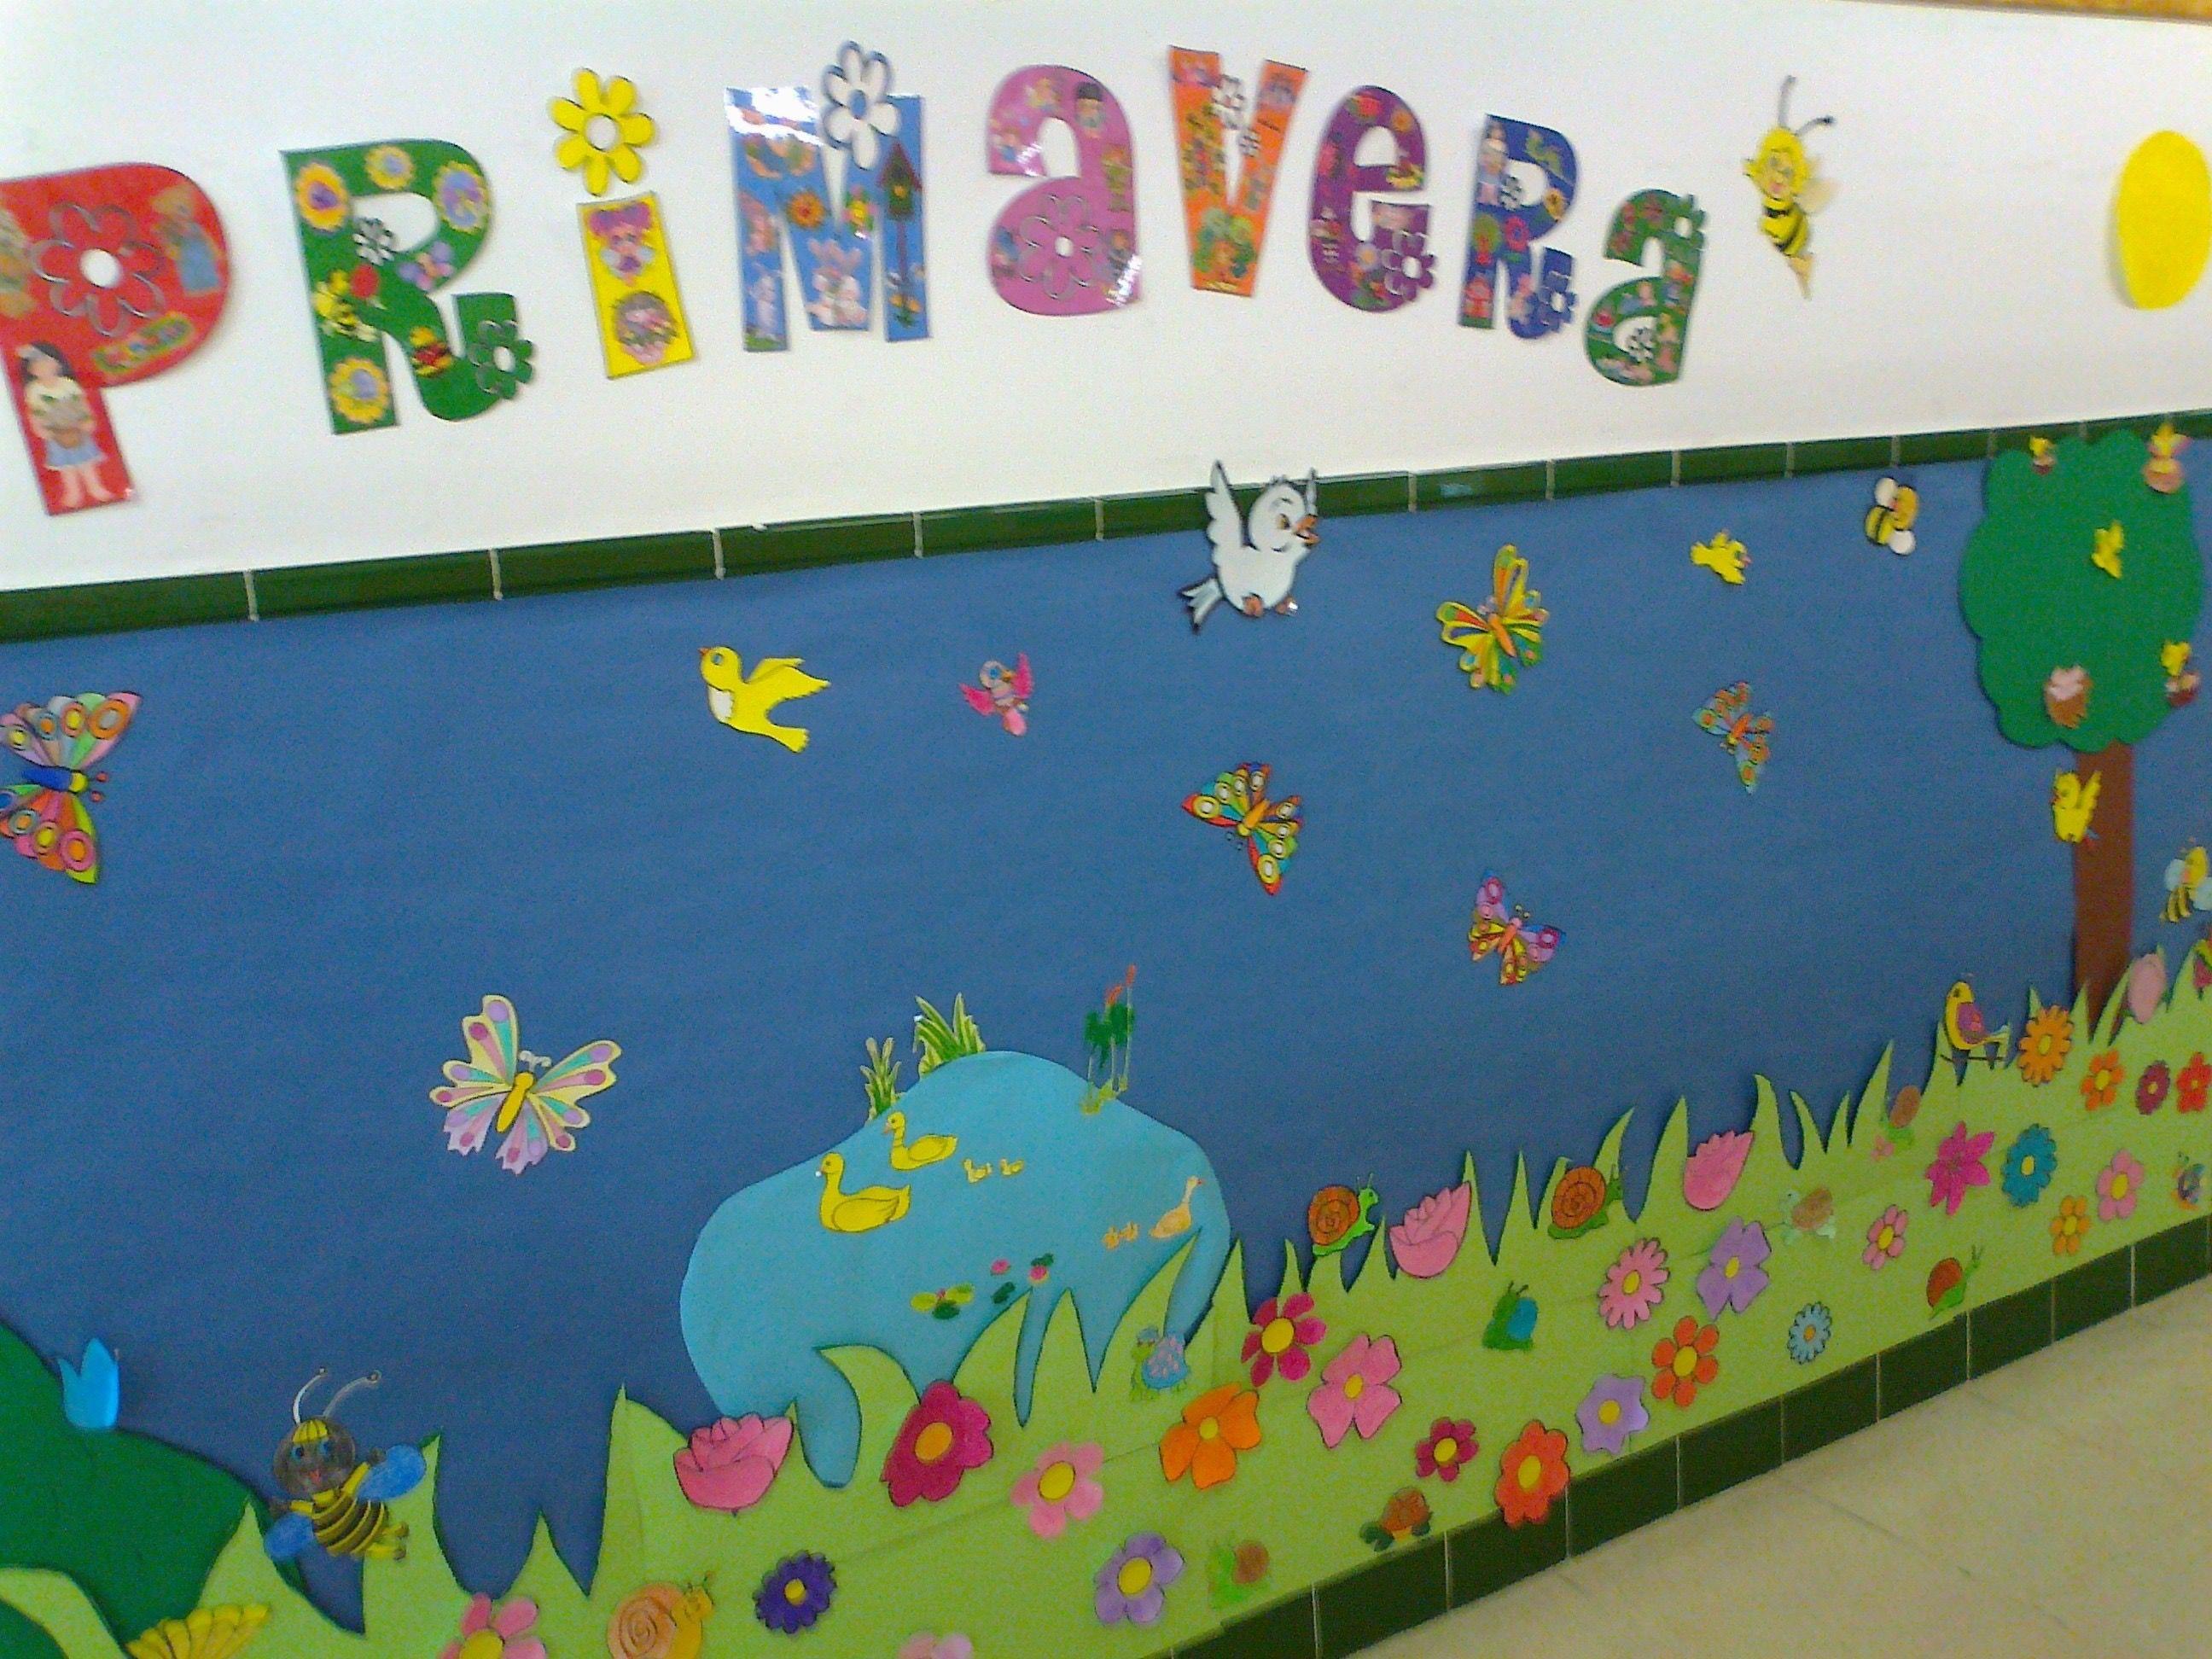 CEIP. F. NUEVA, 1ºA realiza este cartel para celebrar la llegada de la primavera. Curso:2012/13